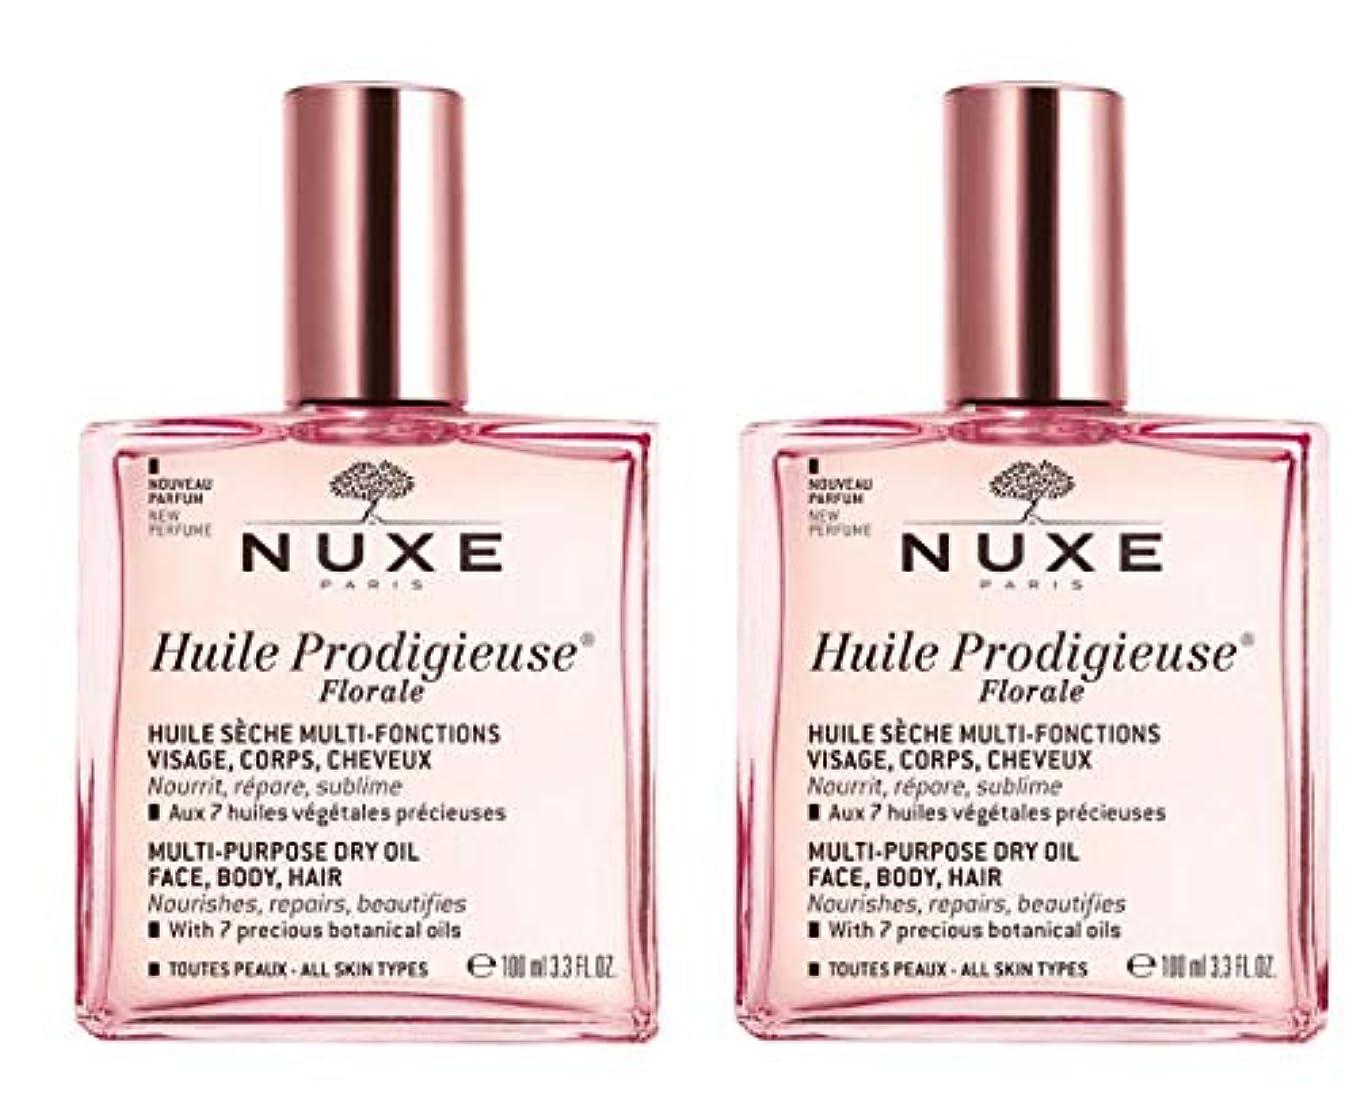 推論前件調整可能ニュクス NUXE プロディジュー フローラルオイル 100ml 2本セット 花の香りと共に新発売 海外直送品